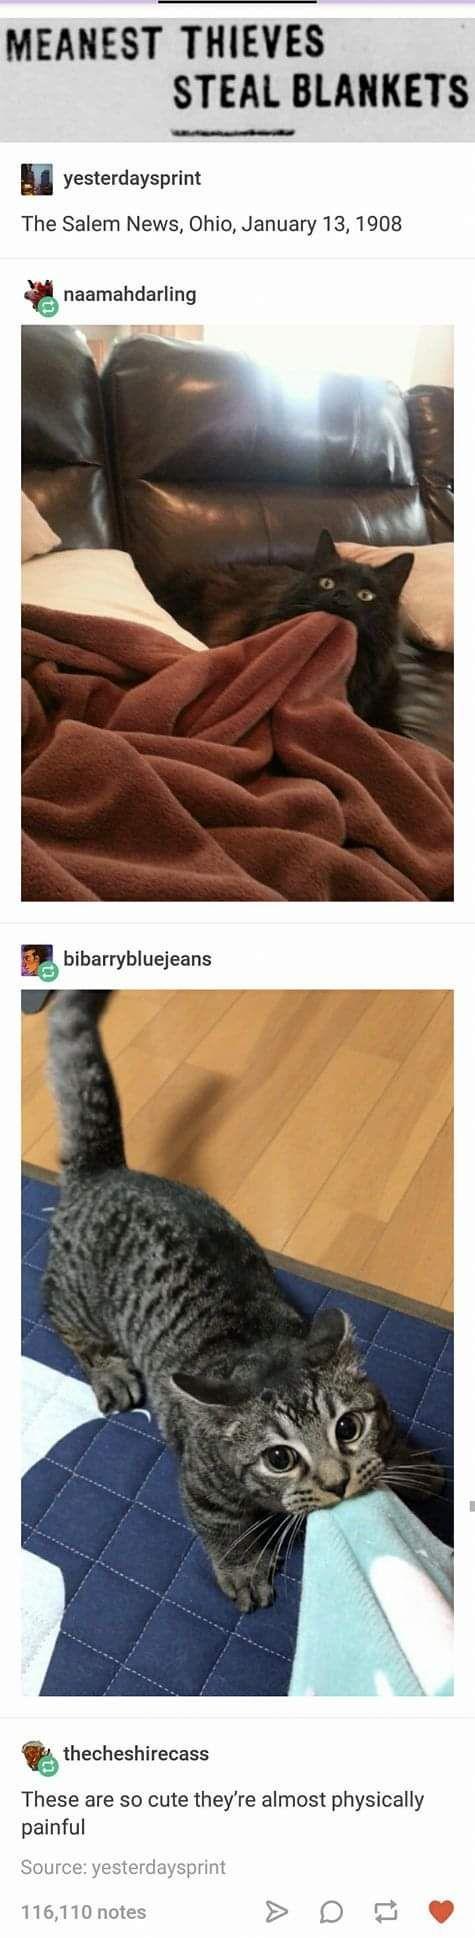 25+ frische Tumblr-Memes, die dich sehr unterhalten werden #tumblrfunny 25+ frische Tumb …